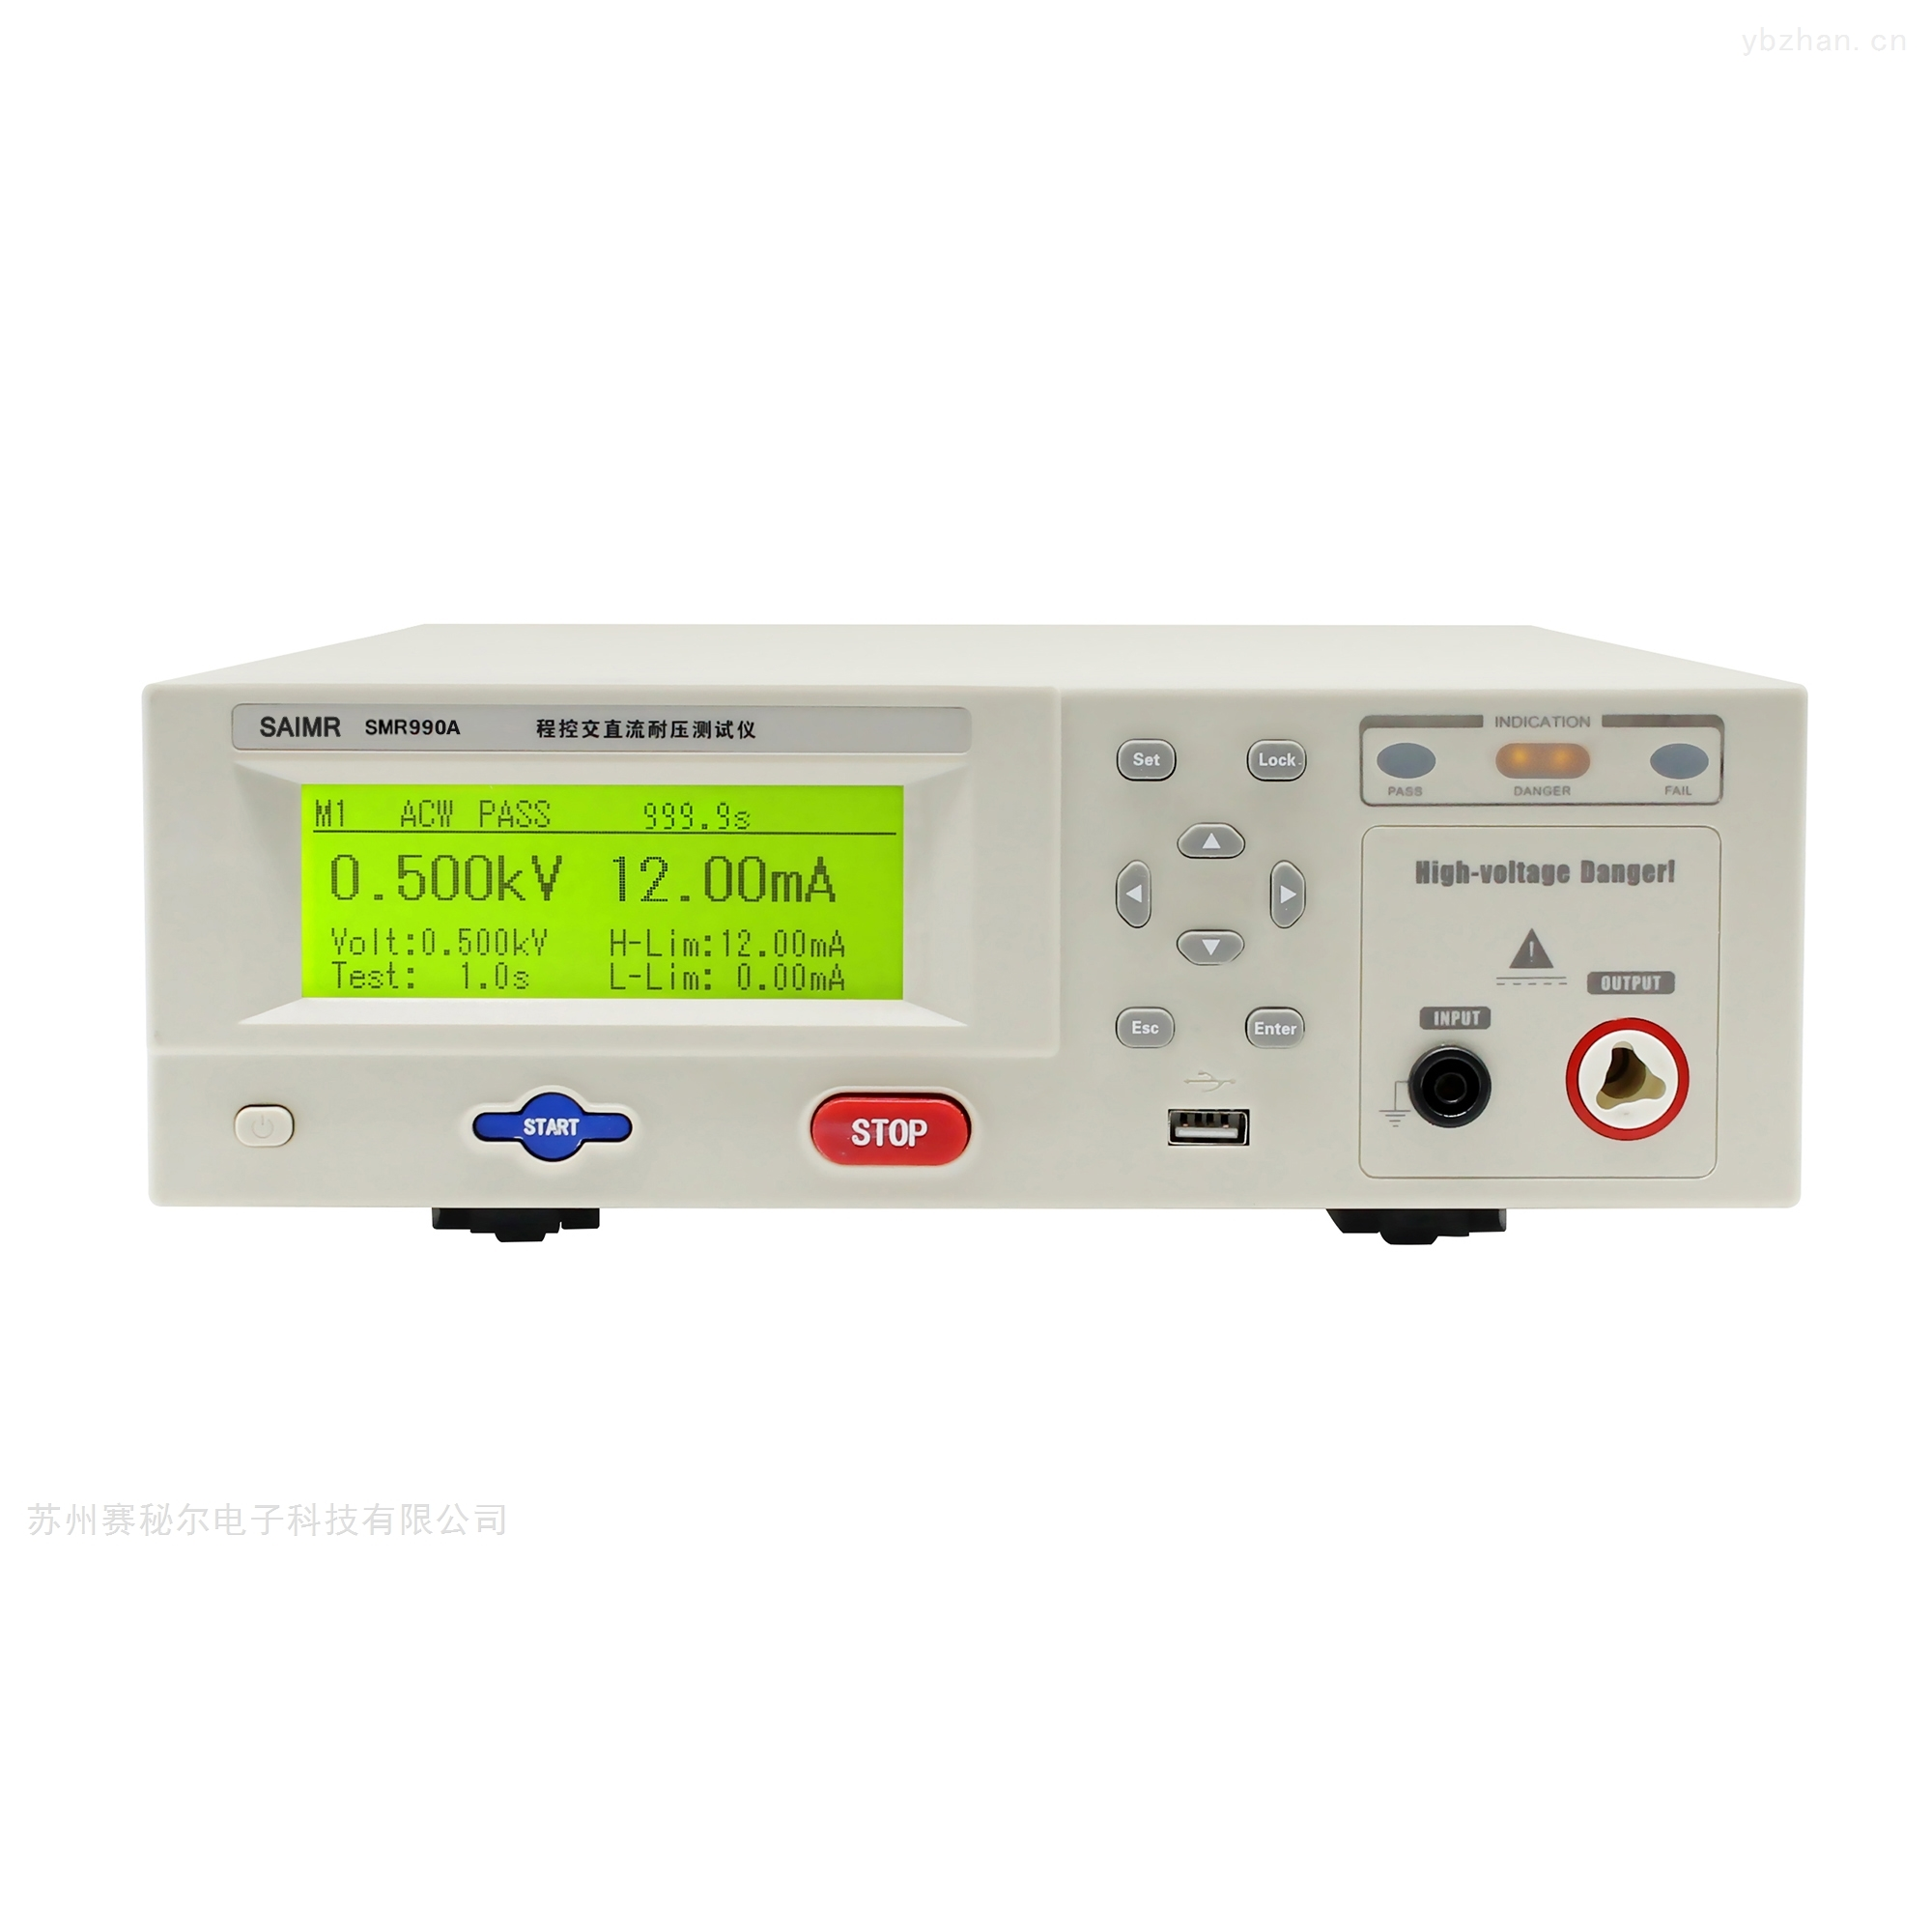 程控耐压绝缘测试仪SMR990A